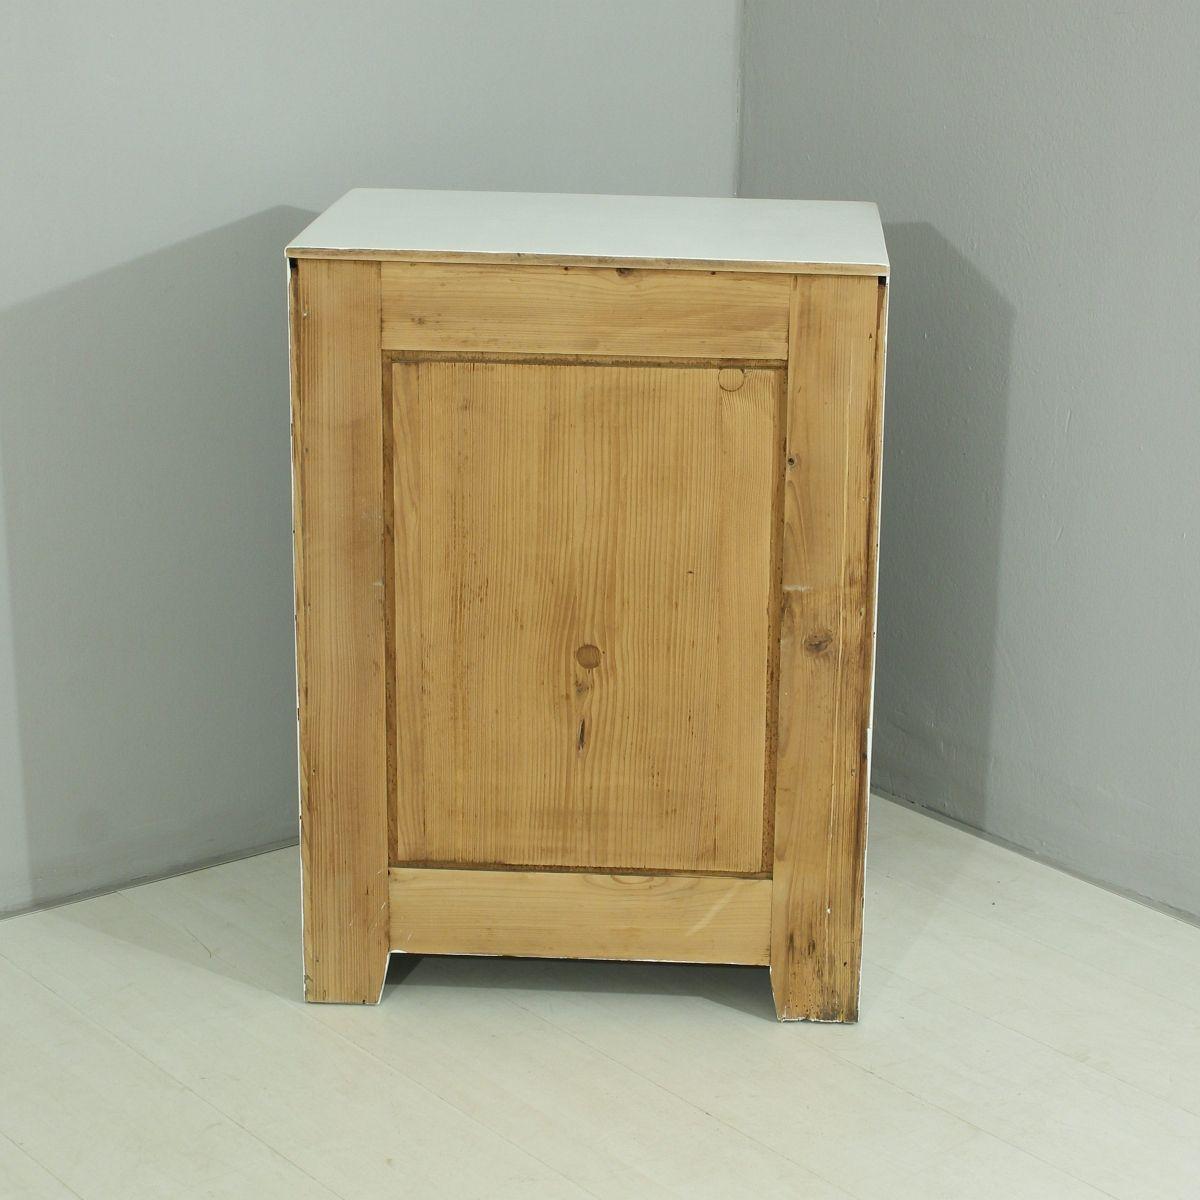 petit meuble de rangement vintage cabinet 1930s en vente sur pamono. Black Bedroom Furniture Sets. Home Design Ideas